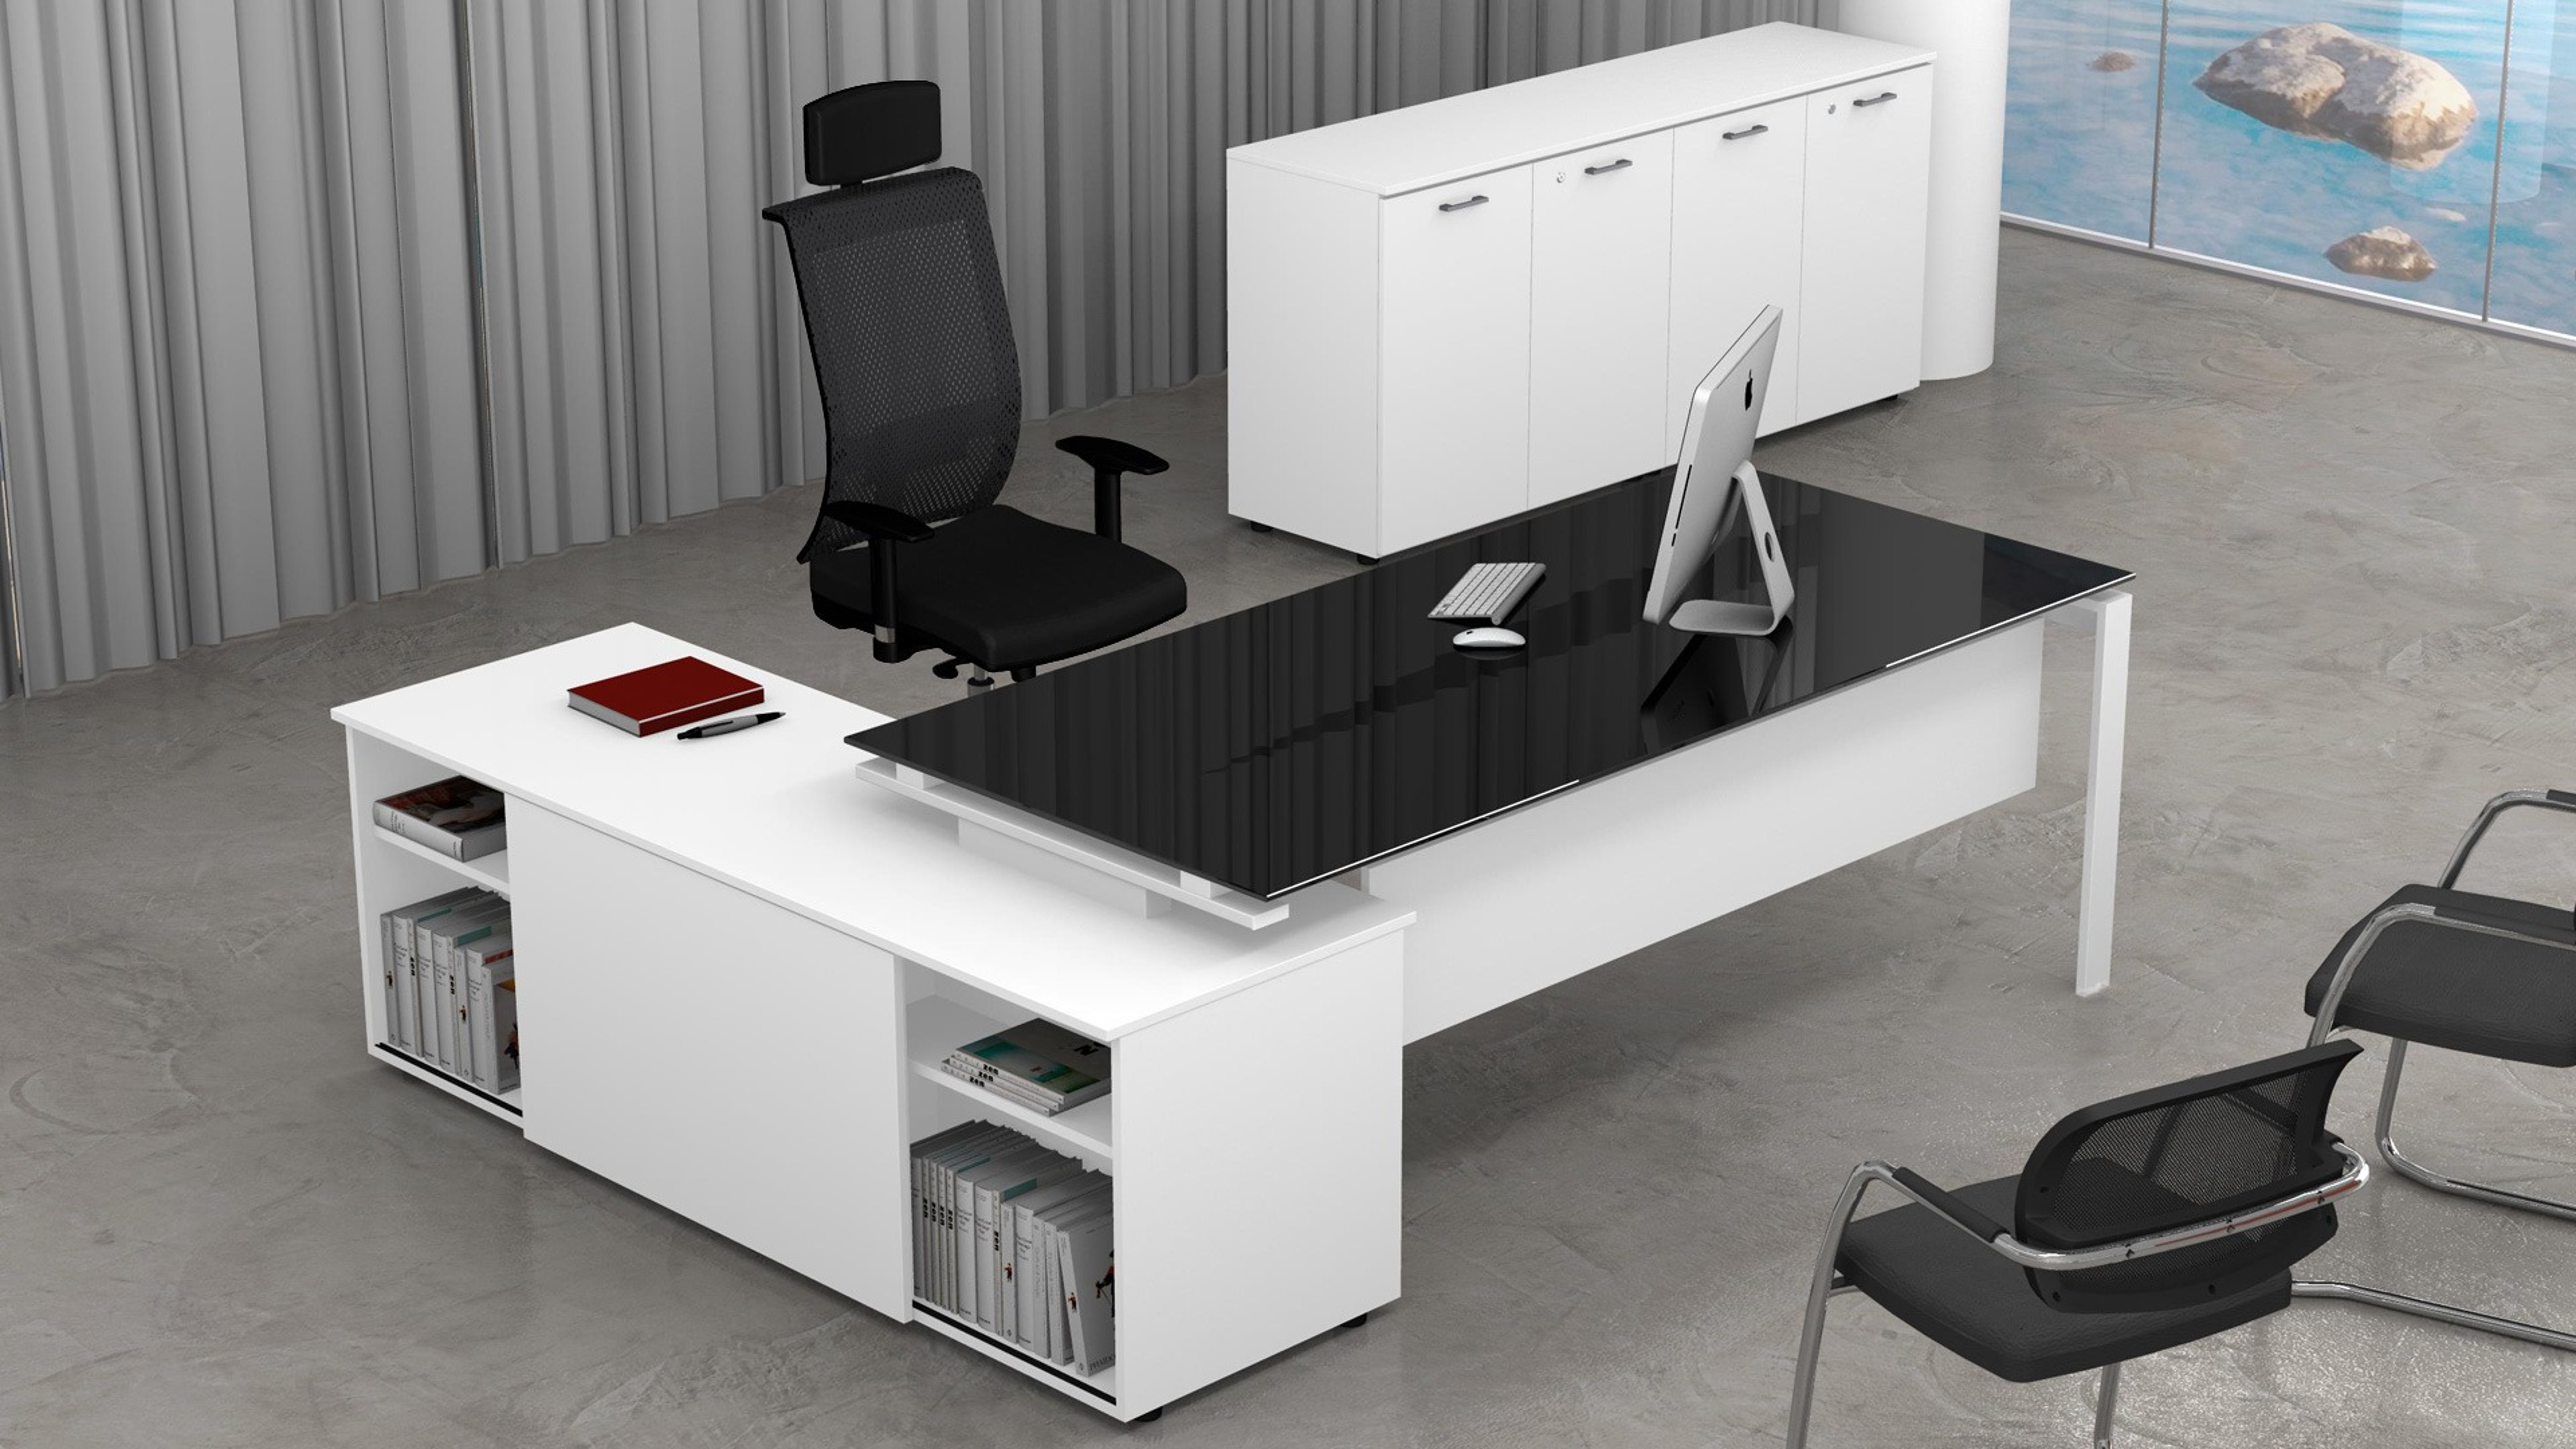 Uffici direzionali SCACCO scrivania piano vetro con mobile di servizio e contenitori universali bassi